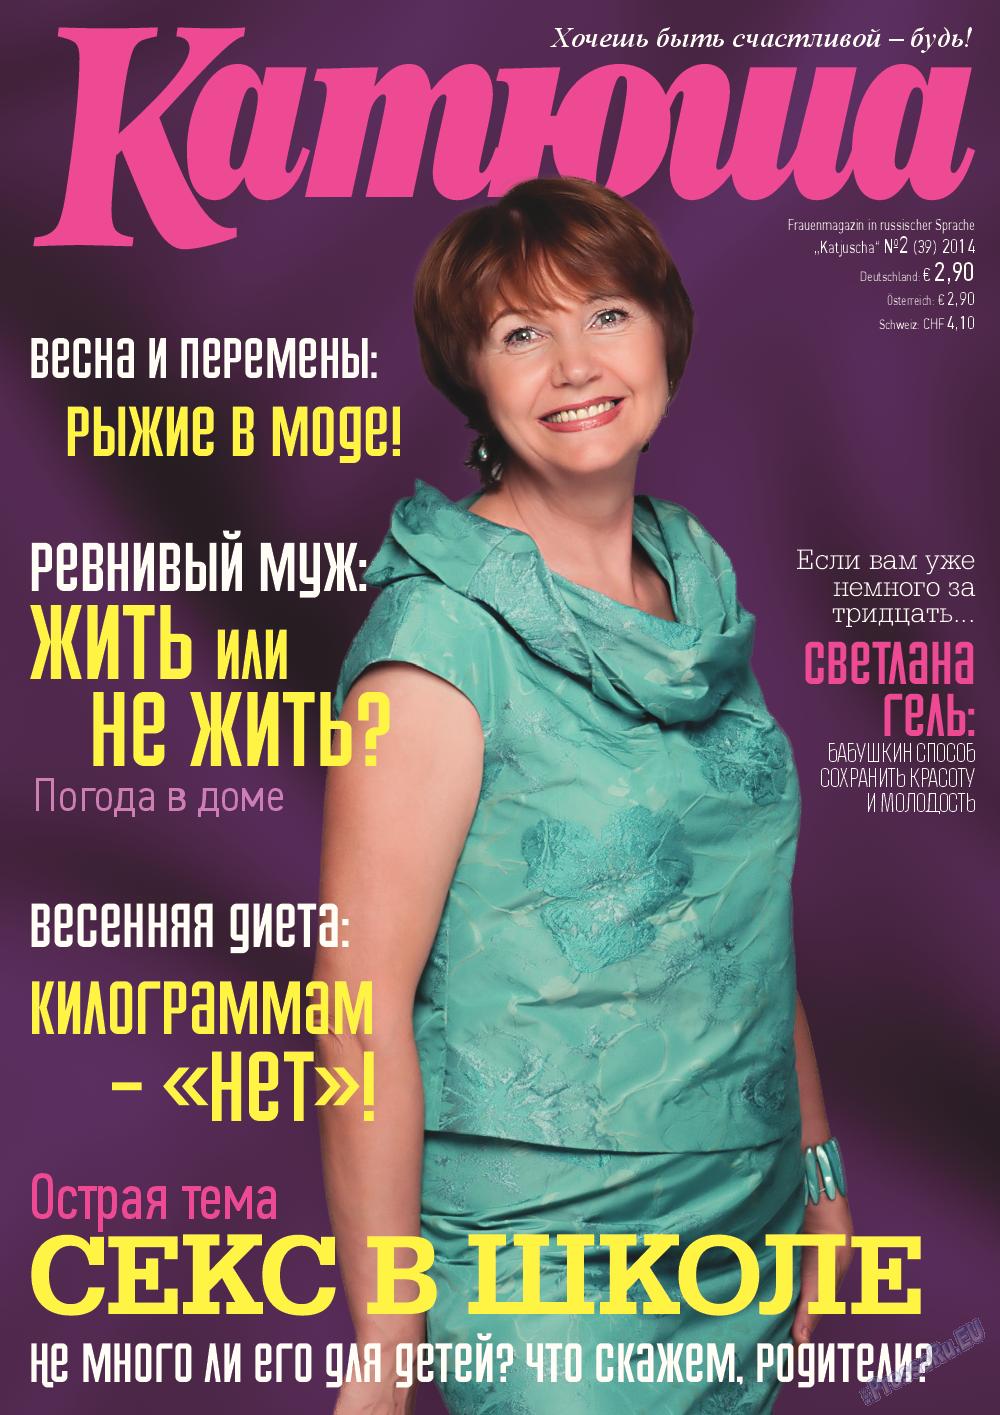 Катюша (журнал). 2014 год, номер 39, стр. 1